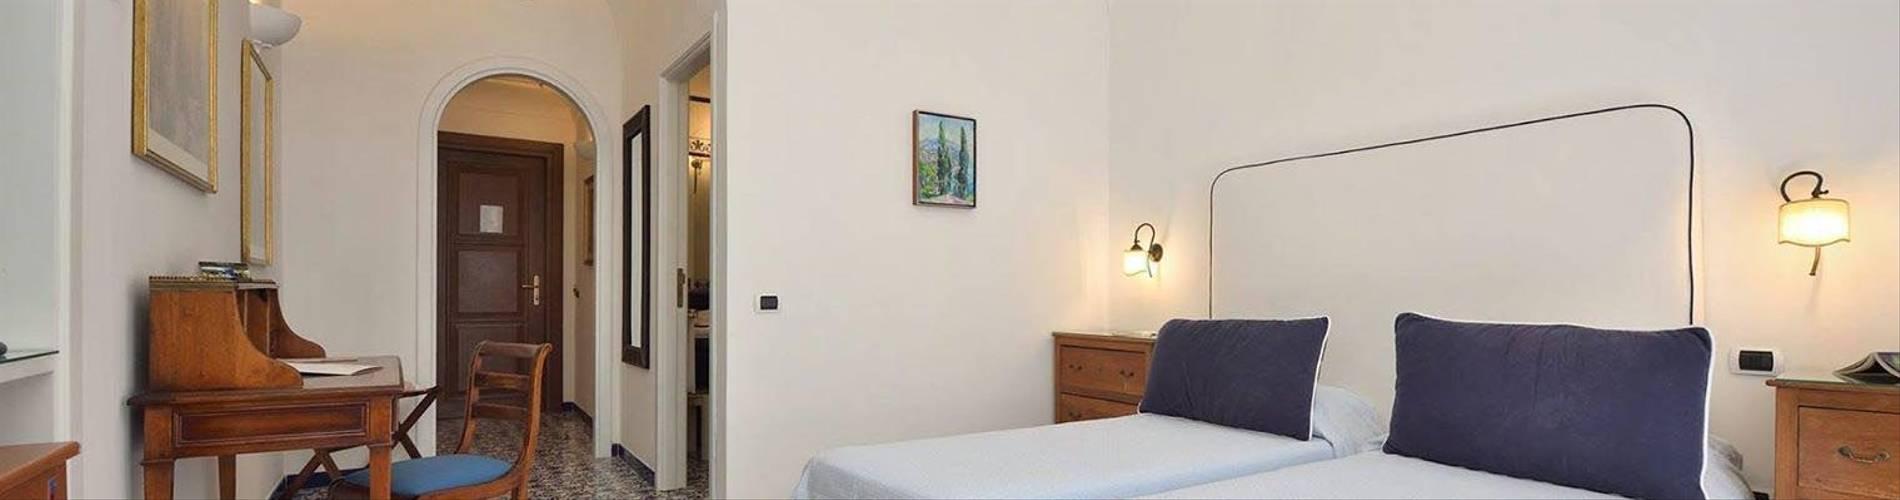 Giordano, Amalfi Coast, Italy (41).jpg